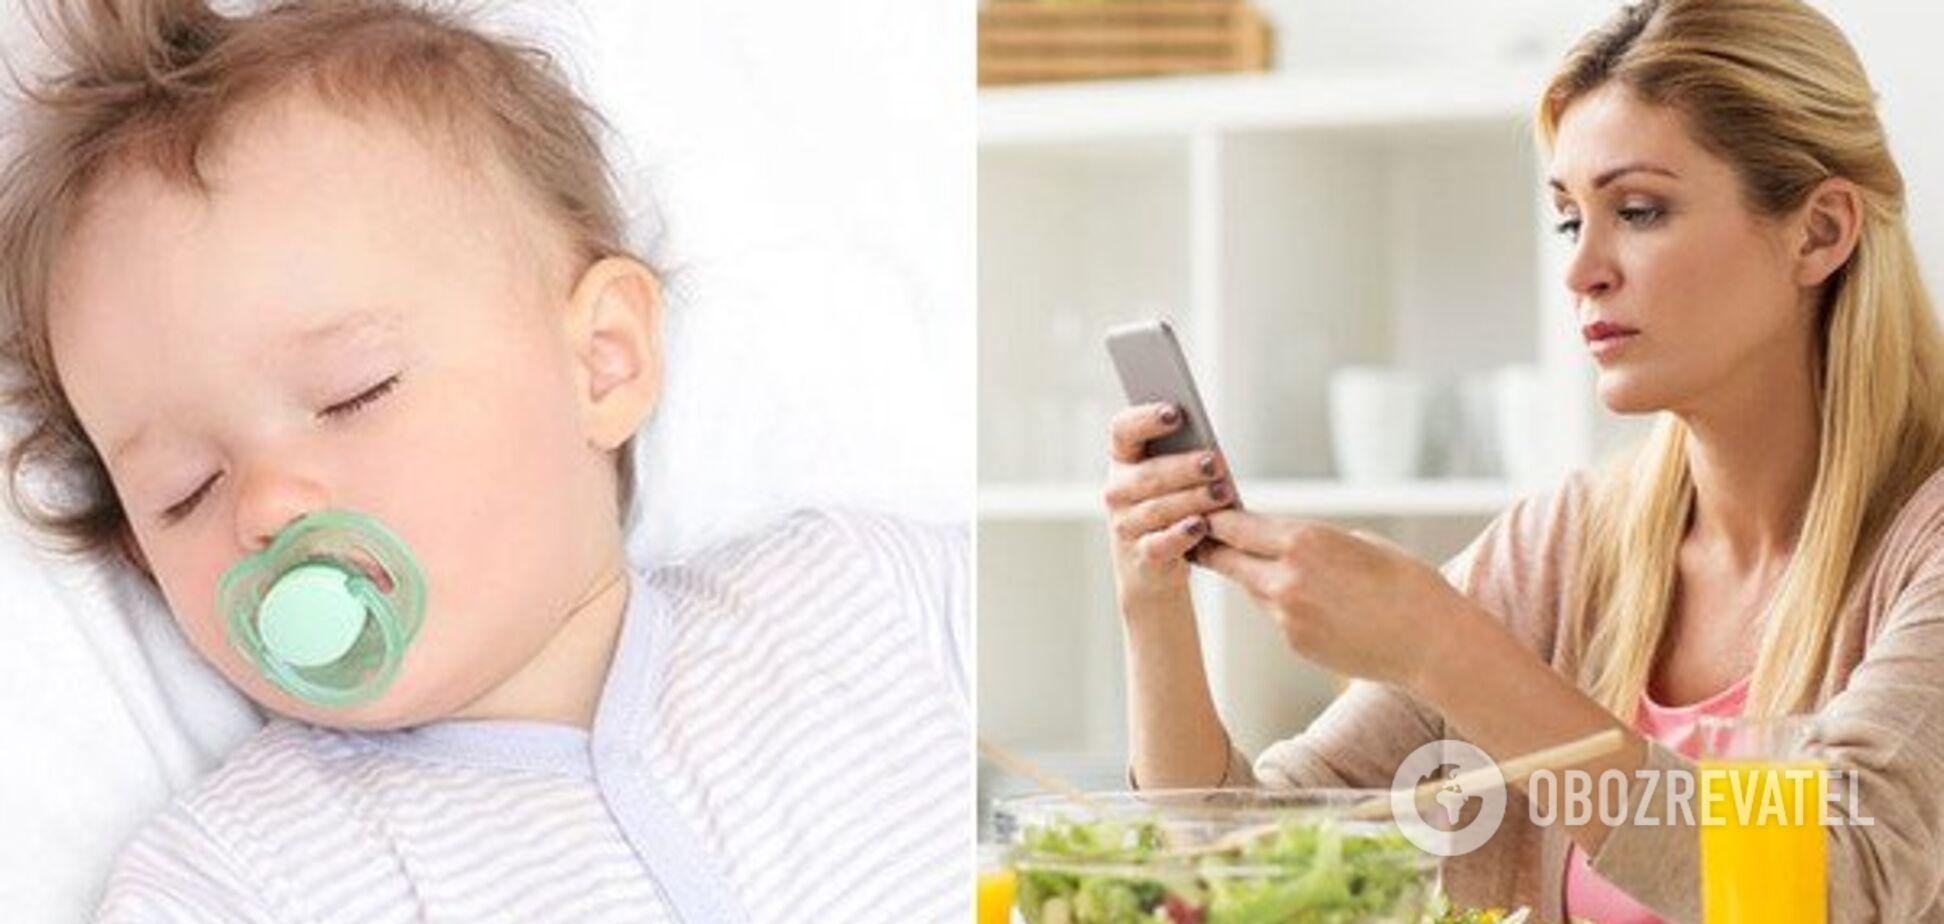 Розумний підгузок: Google представив несподівану знахідку для батьків